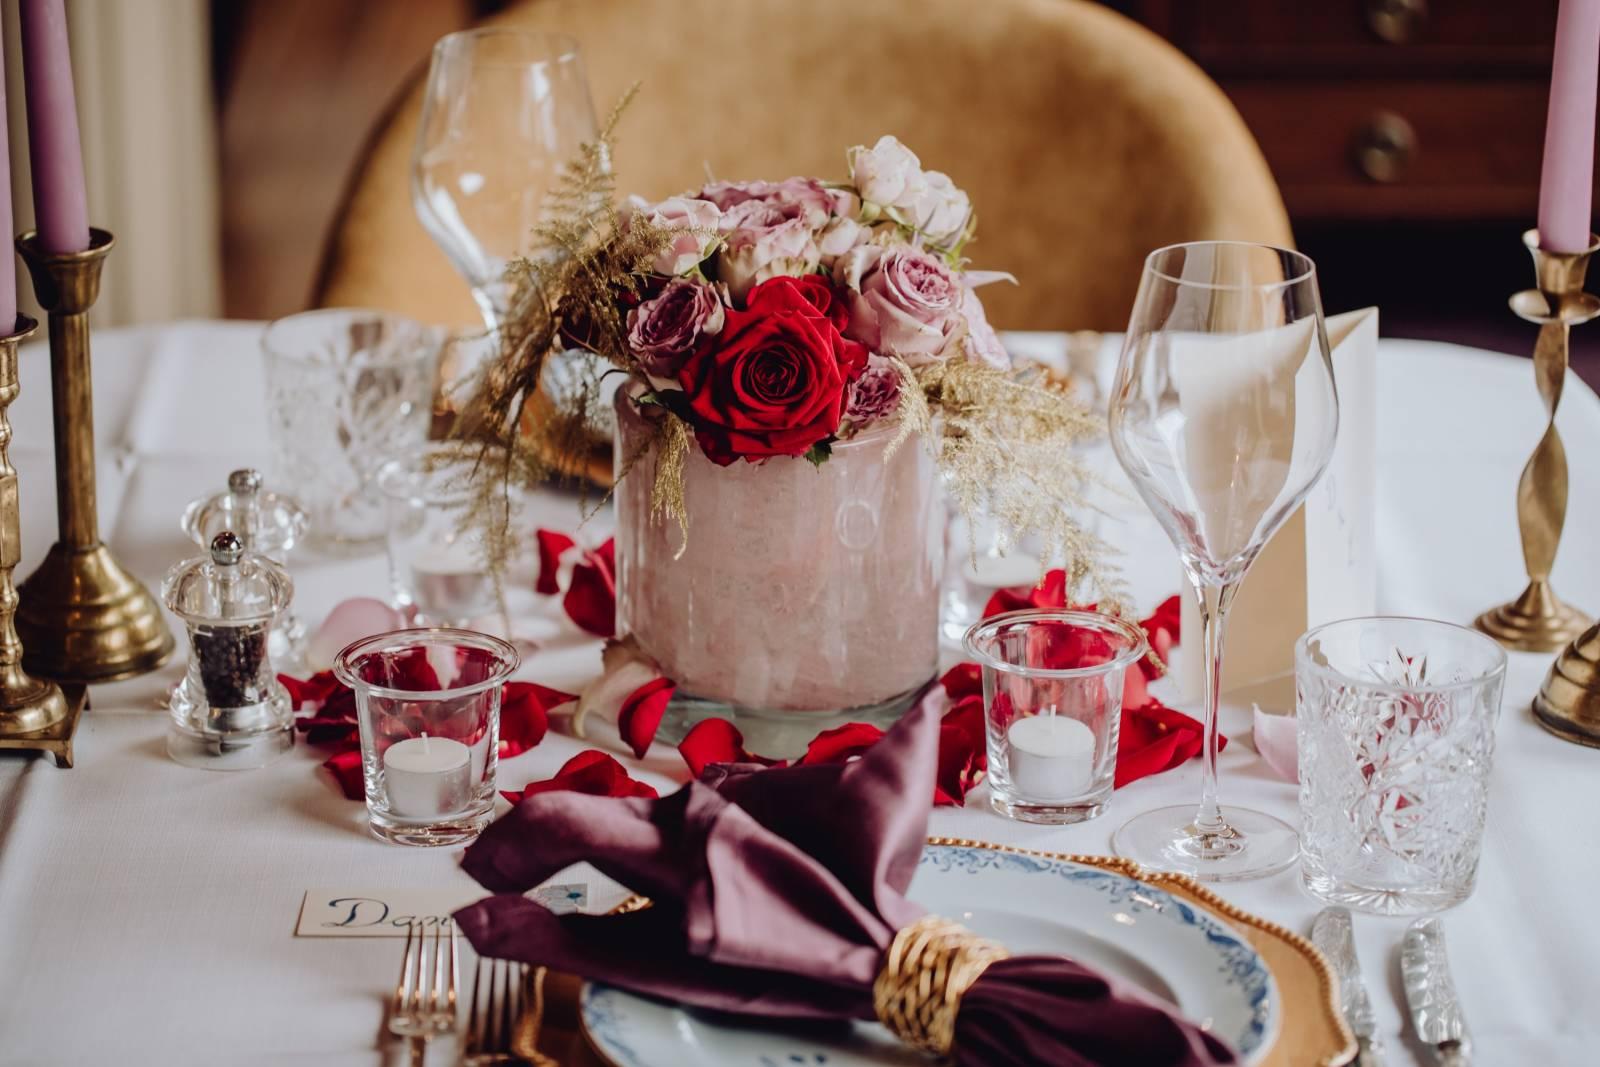 Elegant Events - Weddingplanner - Fotograaf LUX visual story tellers - House of Weddings (2)